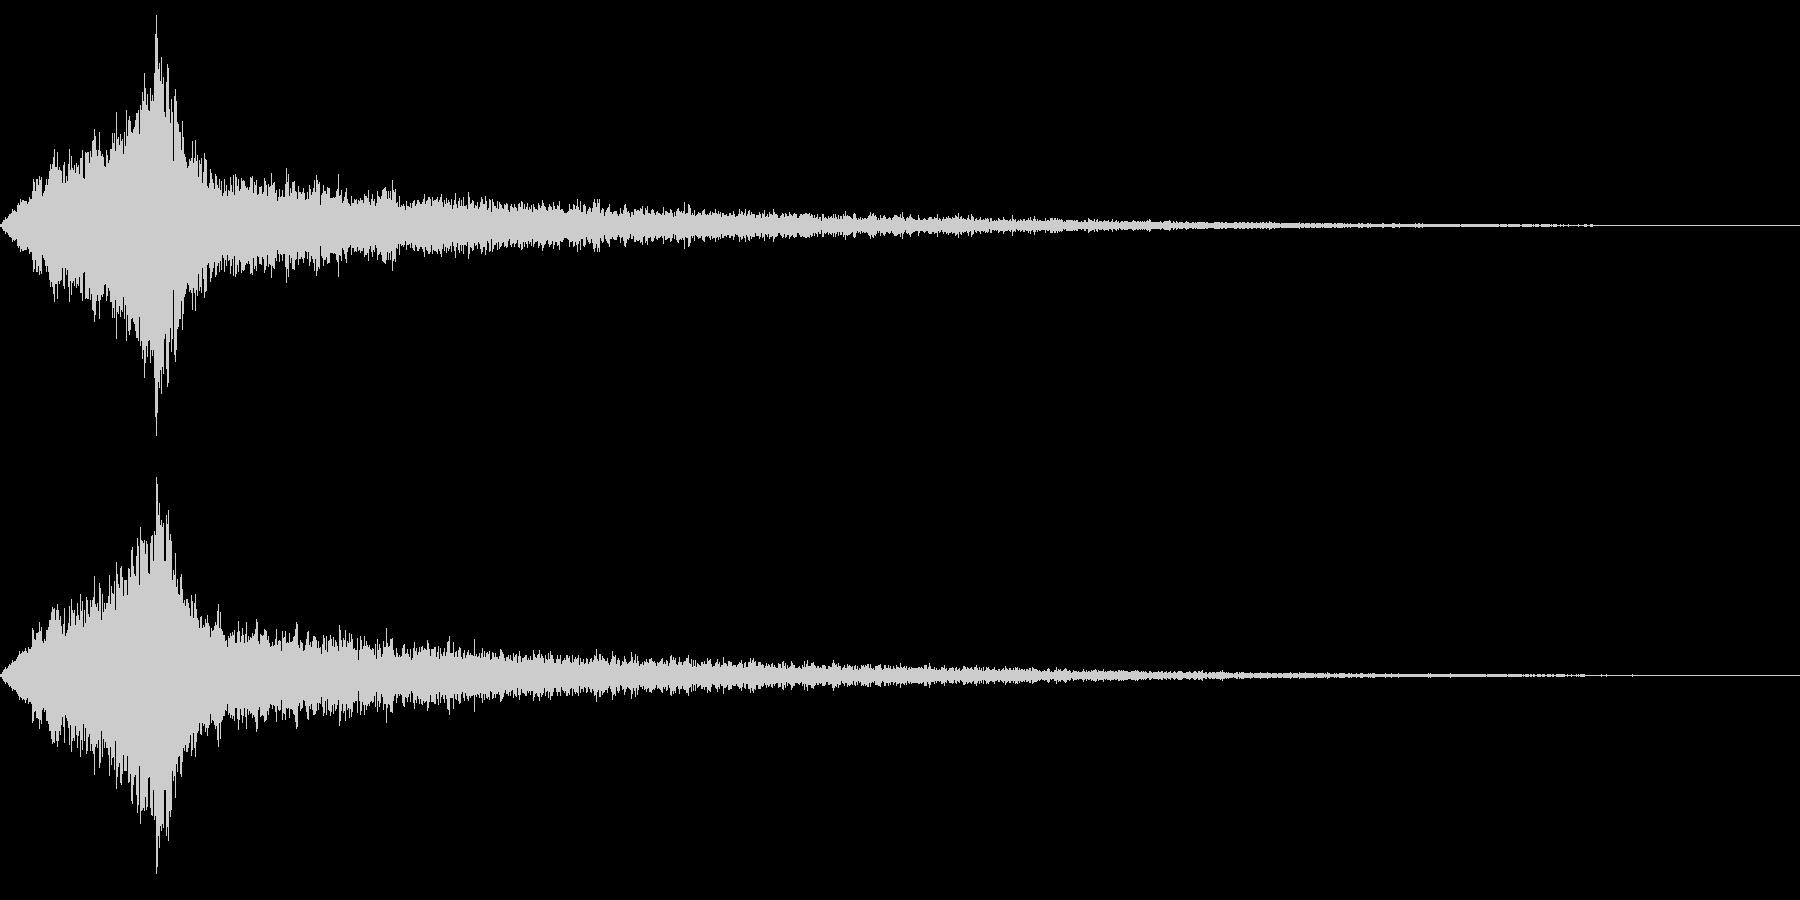 怖いタイトル、テロップ音の未再生の波形